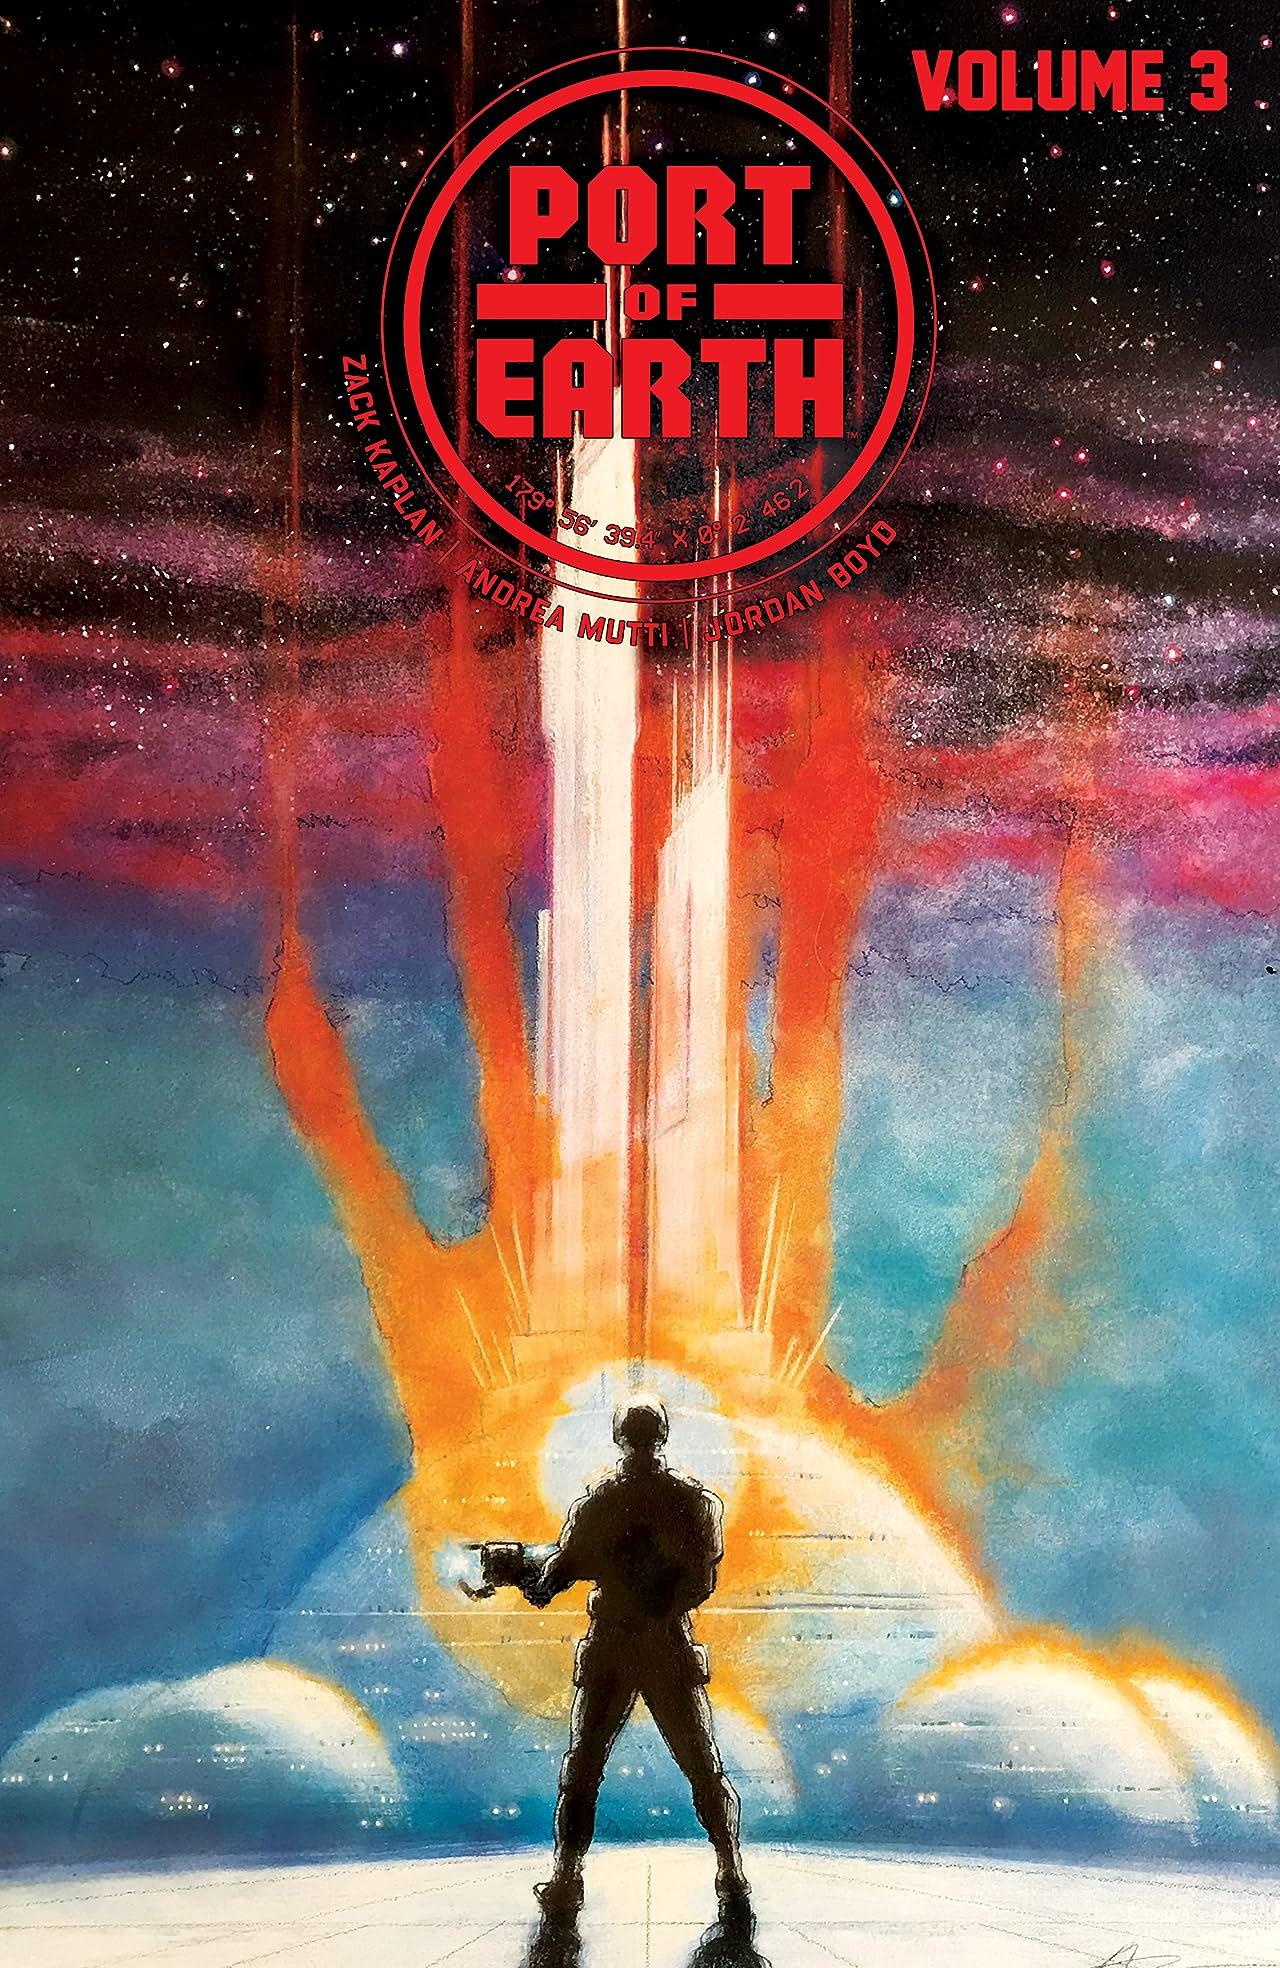 Port of Earth Vol. 3